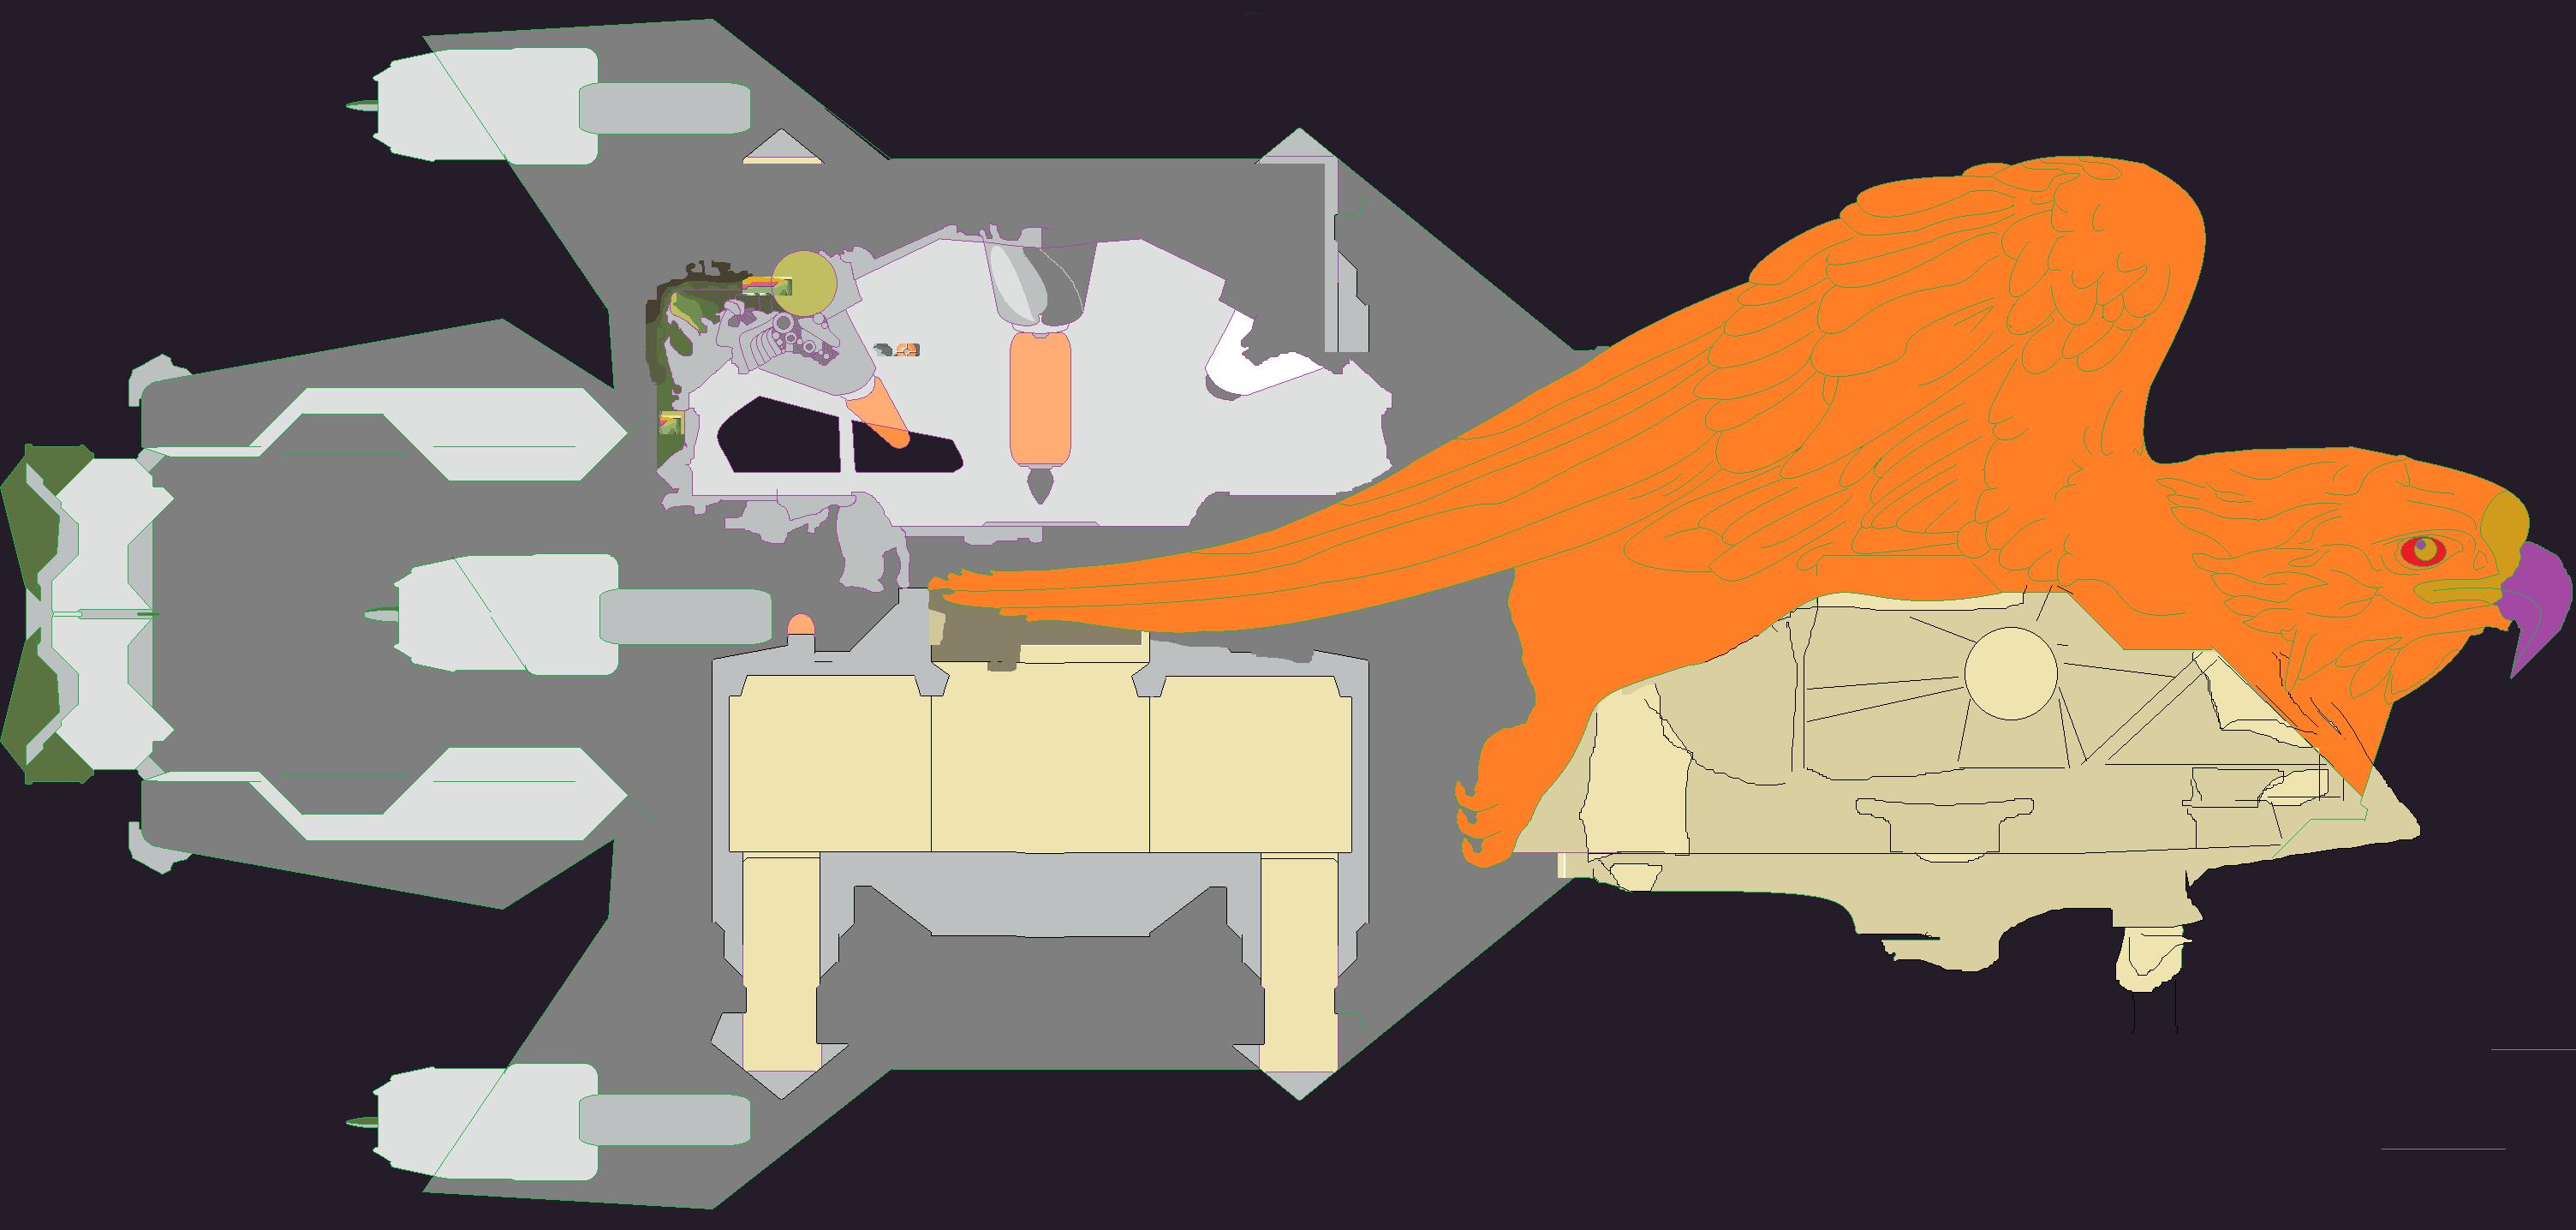 Гром - птица новых миров | Kernel Bug - platformer\runner adventure